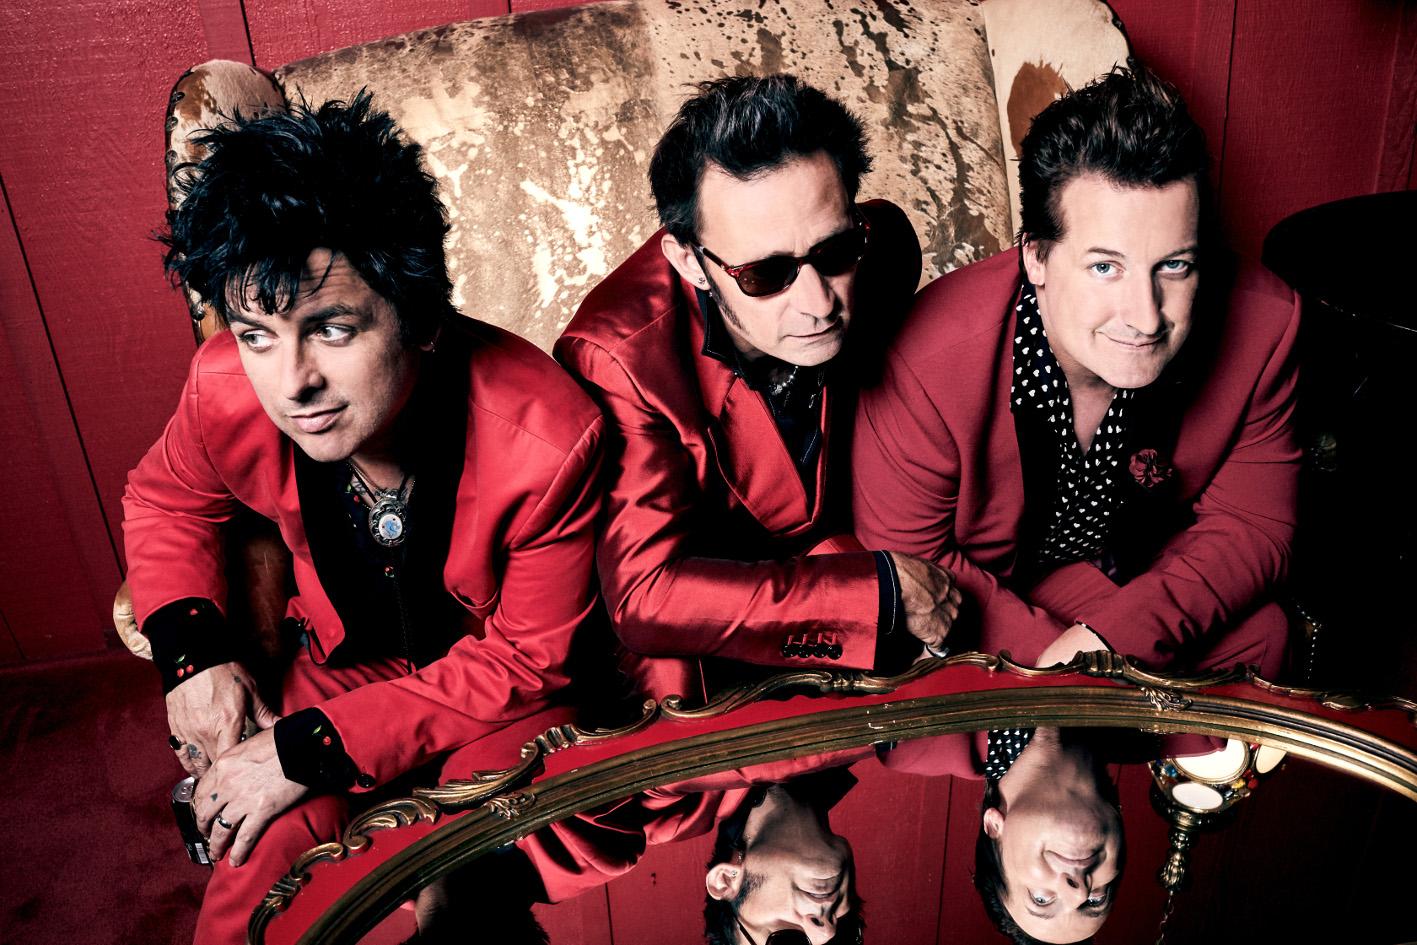 Annunciato il primo grande nome che suonerà al Firenze Rocks: Sono i Green Day!